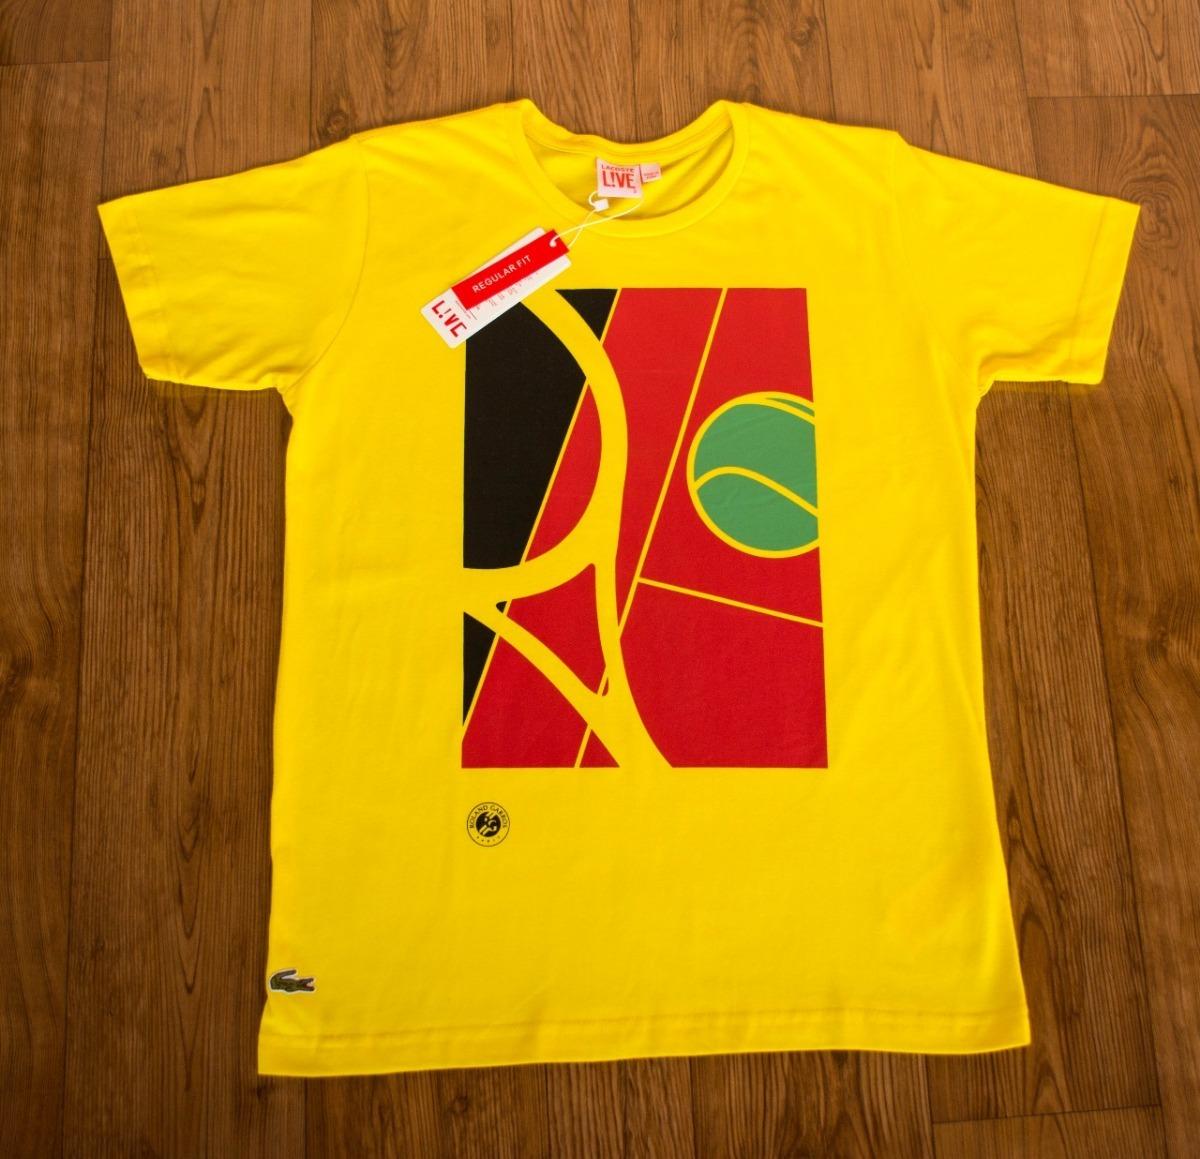 camisa estampada lacoste live peruanas promoção preço atacd. Carregando  zoom. 341a7e0df6